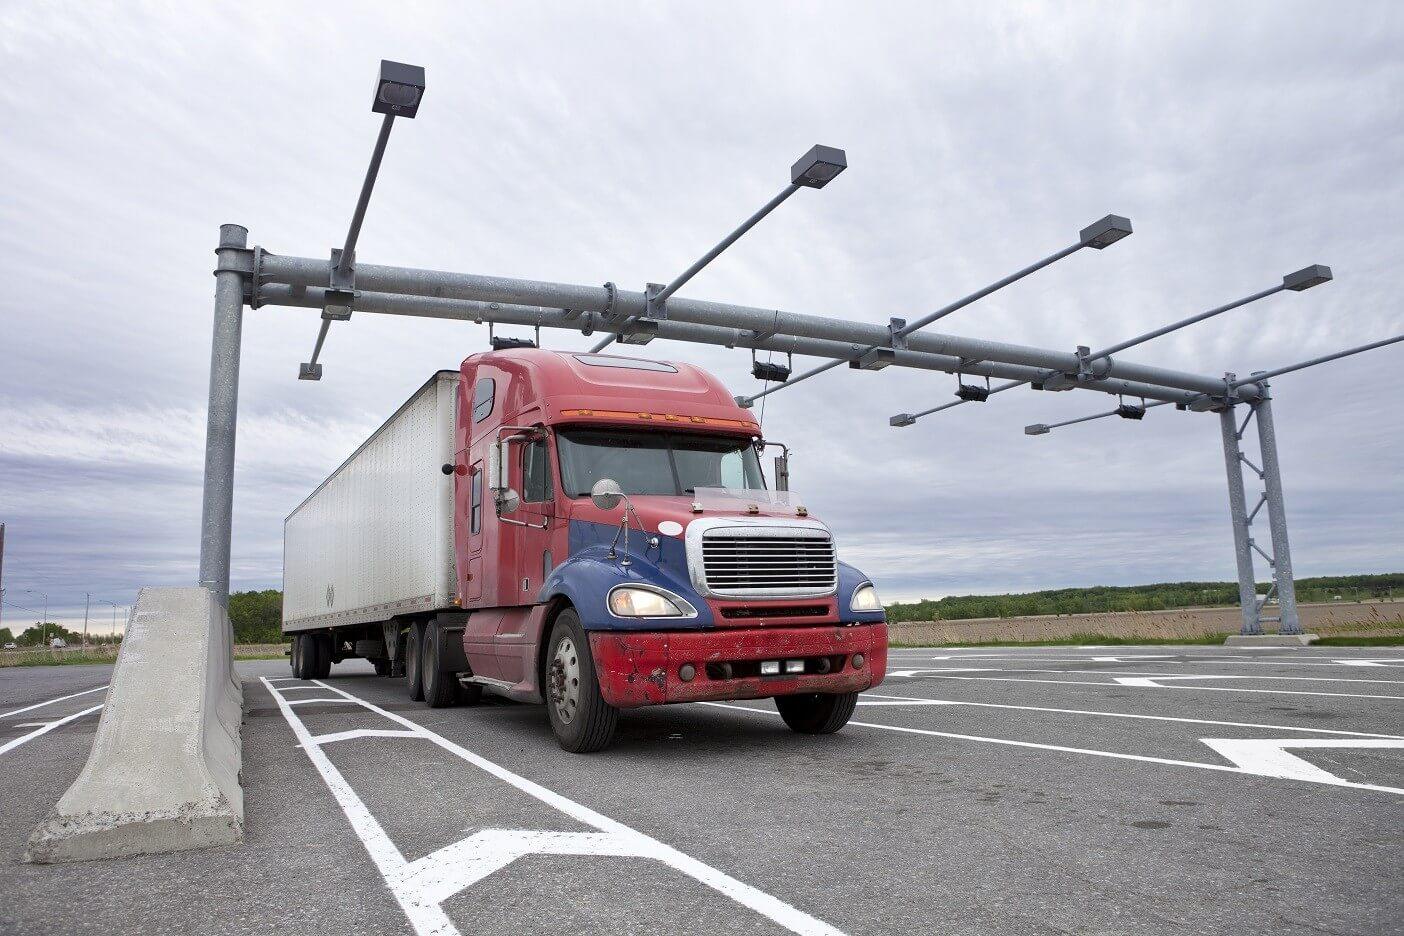 Hamarosan kész a 89 állomásos tengelysúlymérő rendszer